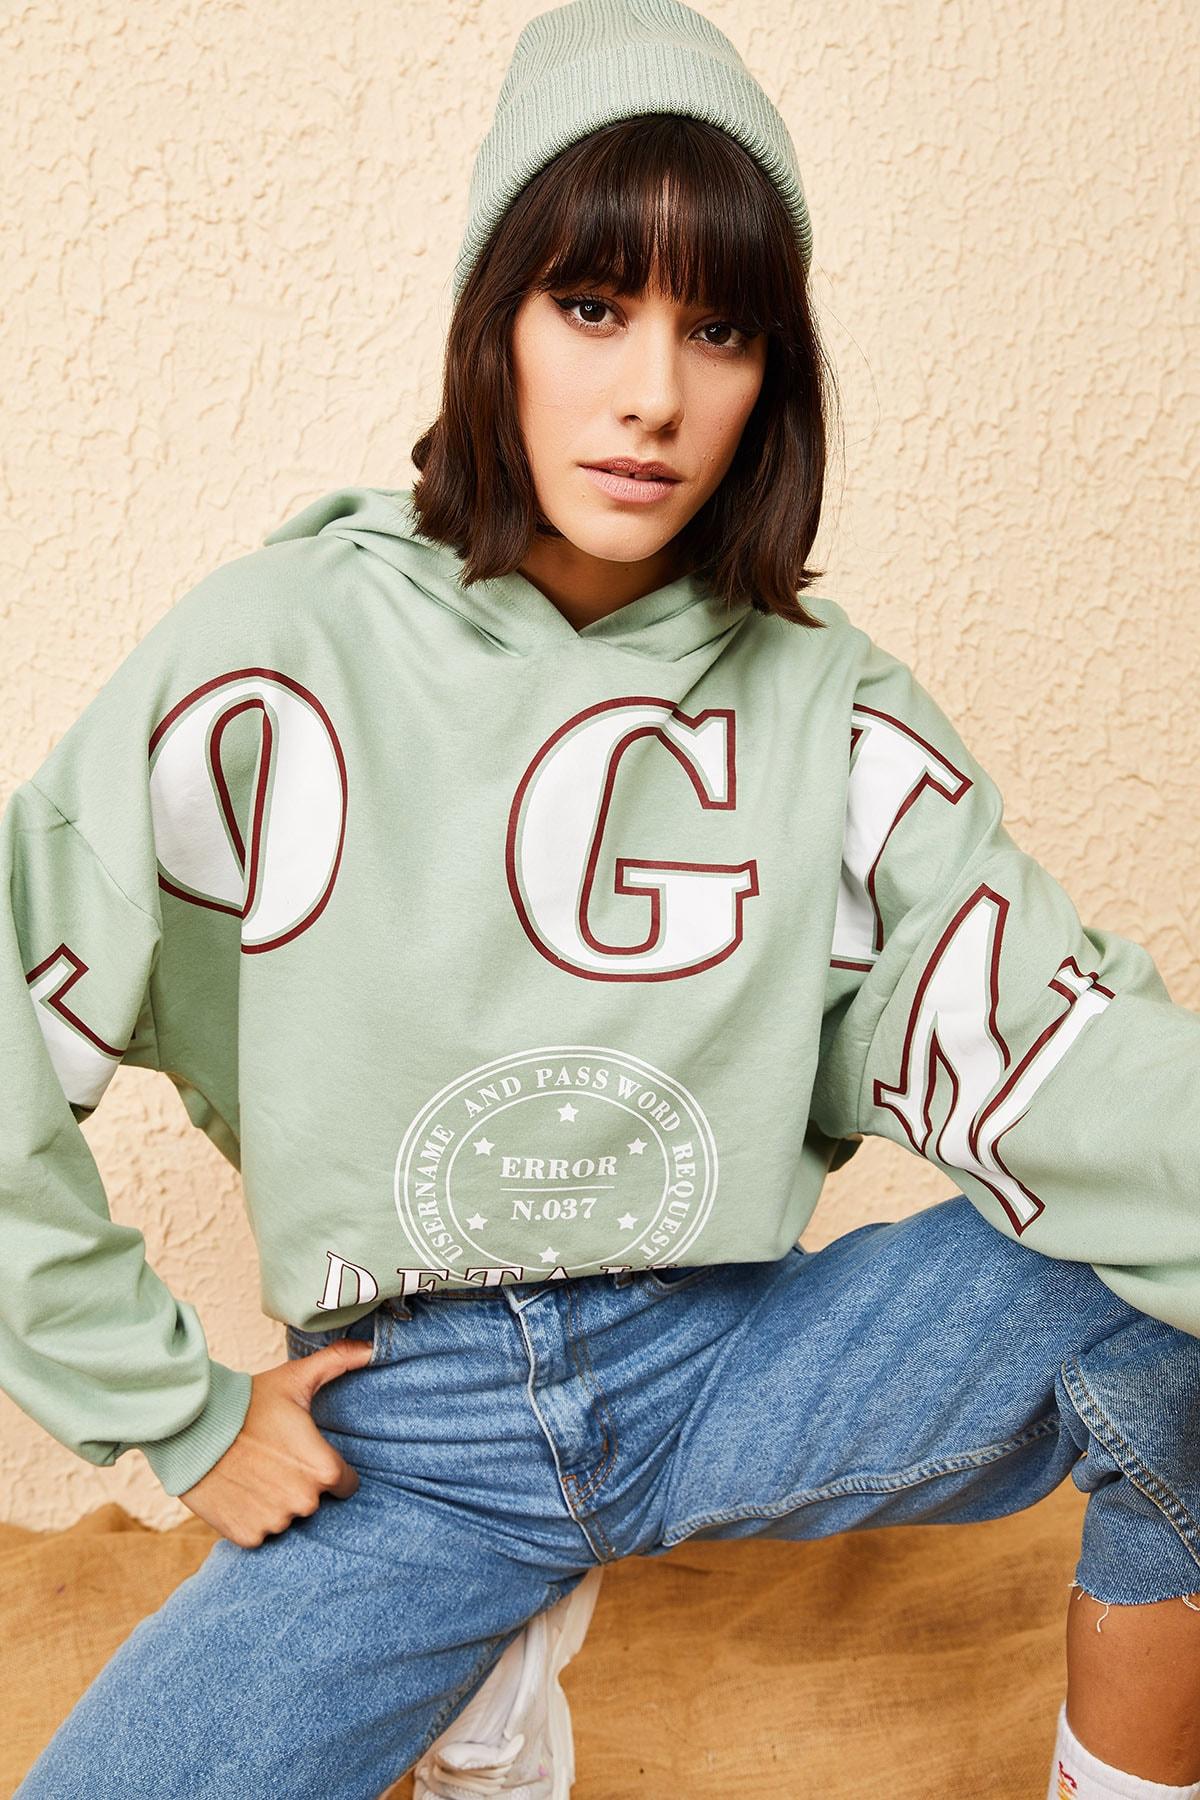 Bianco Lucci Kadın Mint Yeşili Kapüşonlu Yeşil Login Baskılı Oversize Sweatshirt 10121035 1